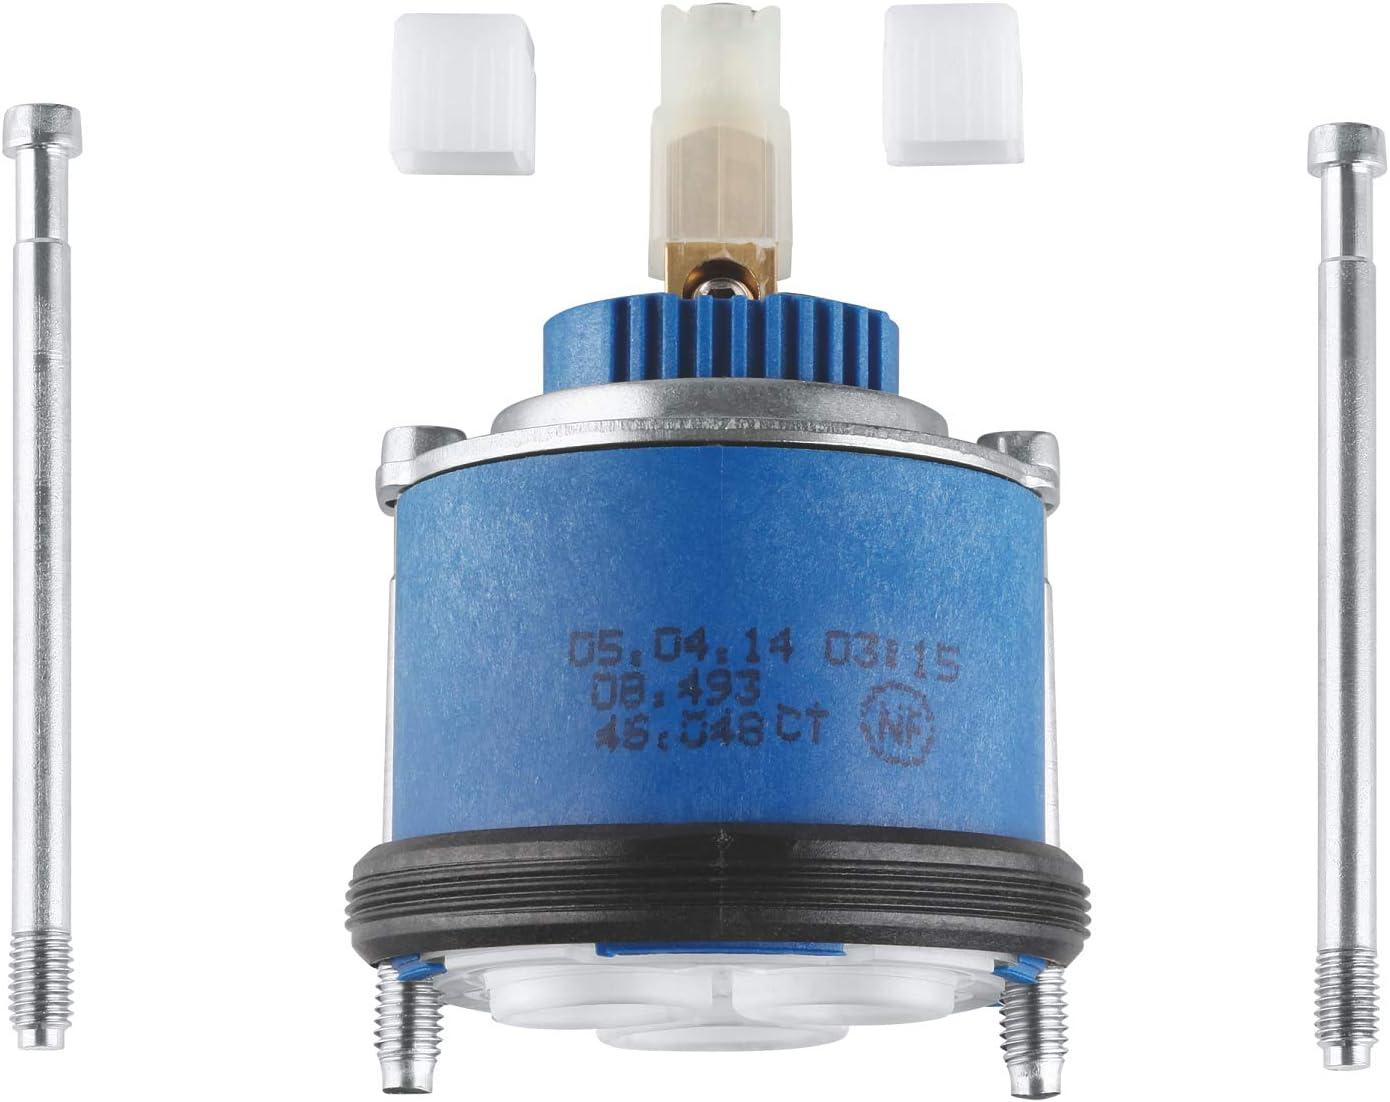 Accesorio para bombas de agua Ref Grohe 46090000